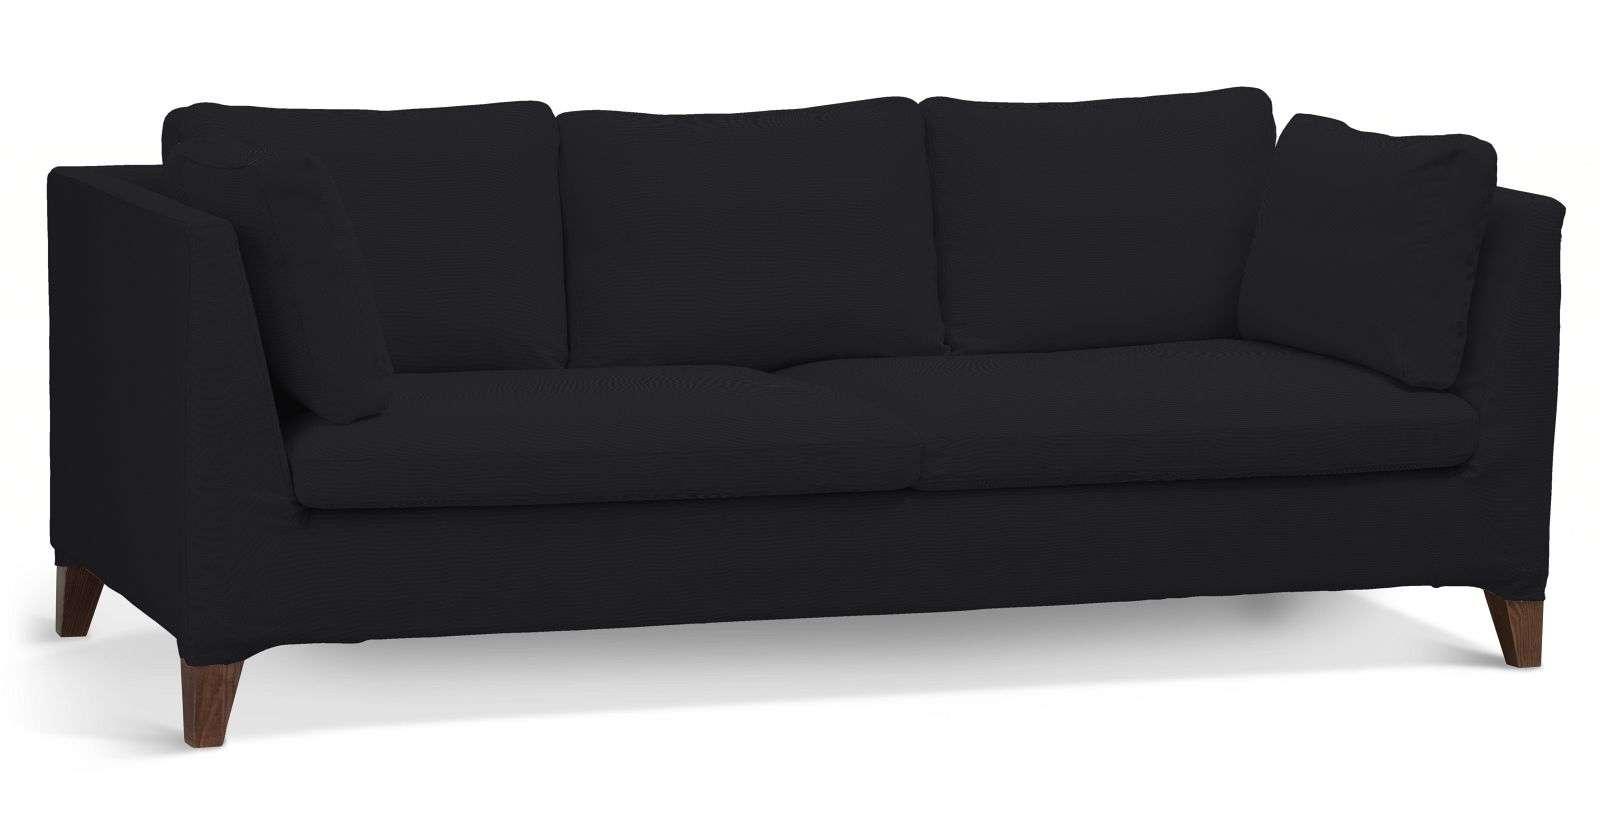 Pokrowiec na sofę Stockholm 3-osobową sofa Stockholm 3-osobowa w kolekcji Etna , tkanina: 705-00